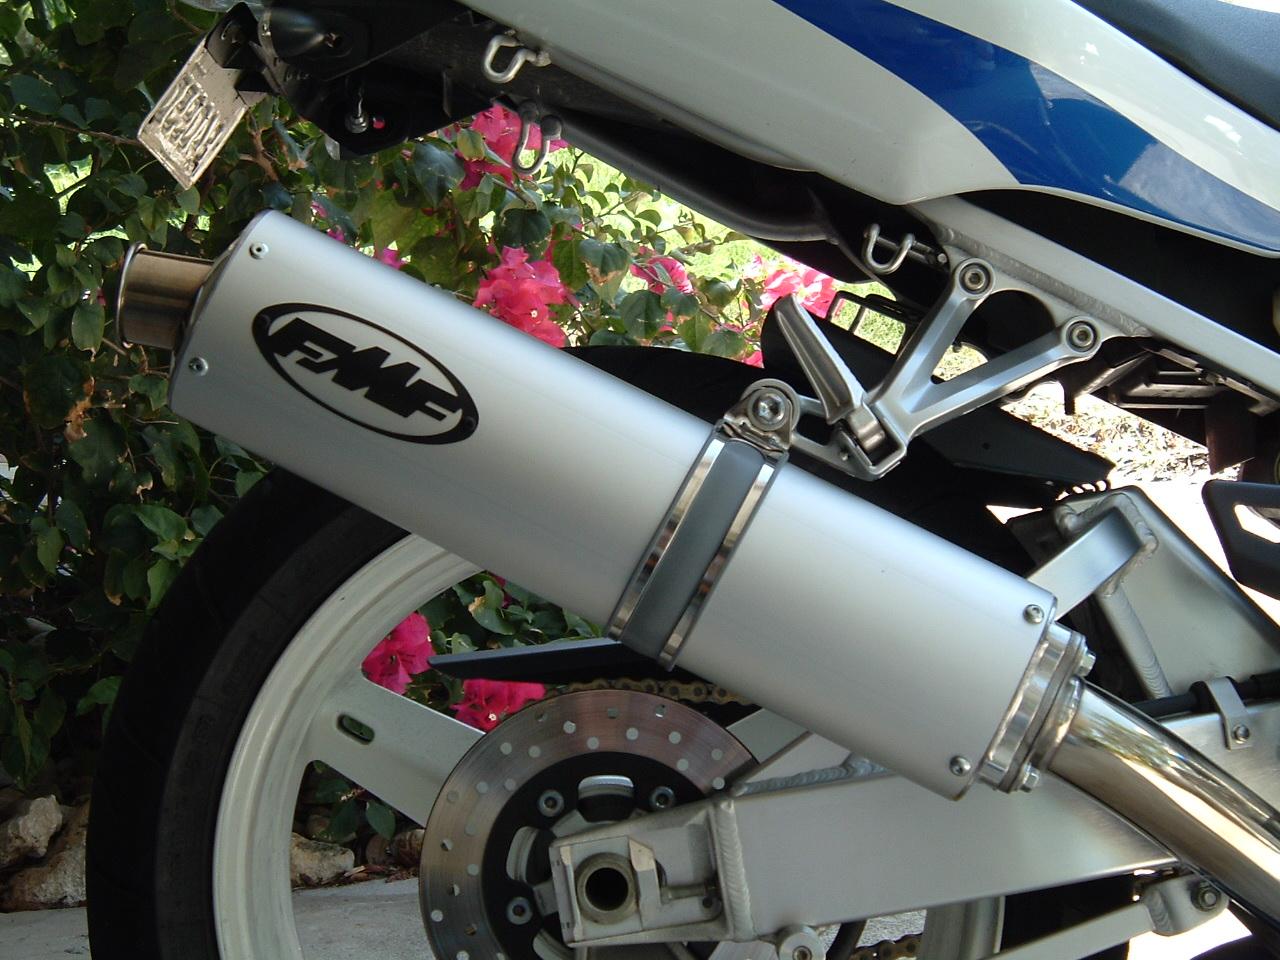 aftermarket parts sale 02 gsxr 750 - Sportbikes net